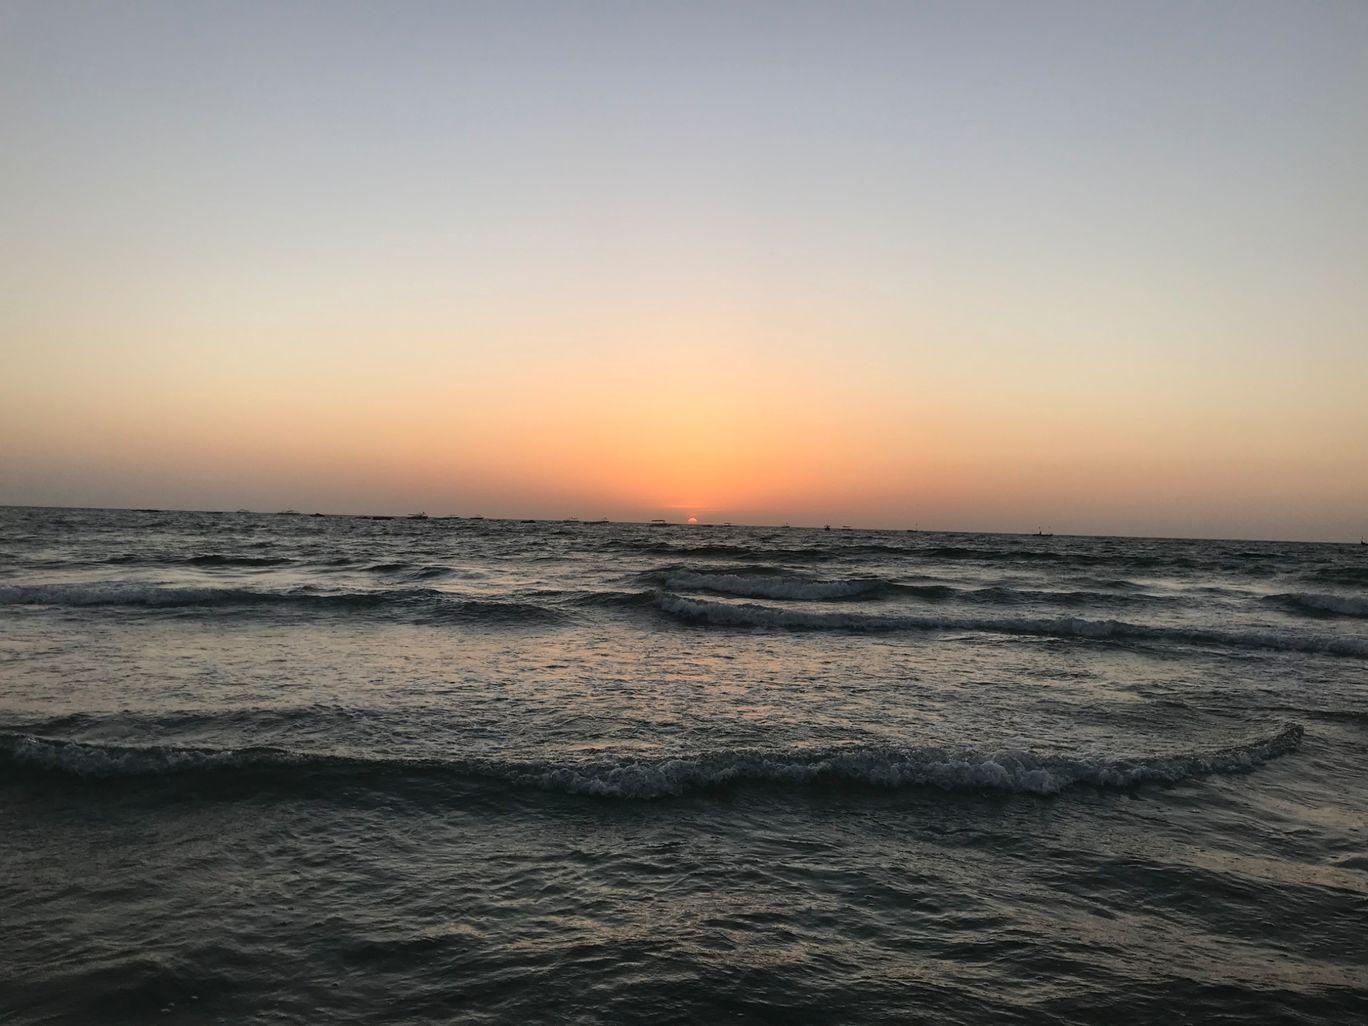 Photo of Colva Beach By Soham Chiplunkar